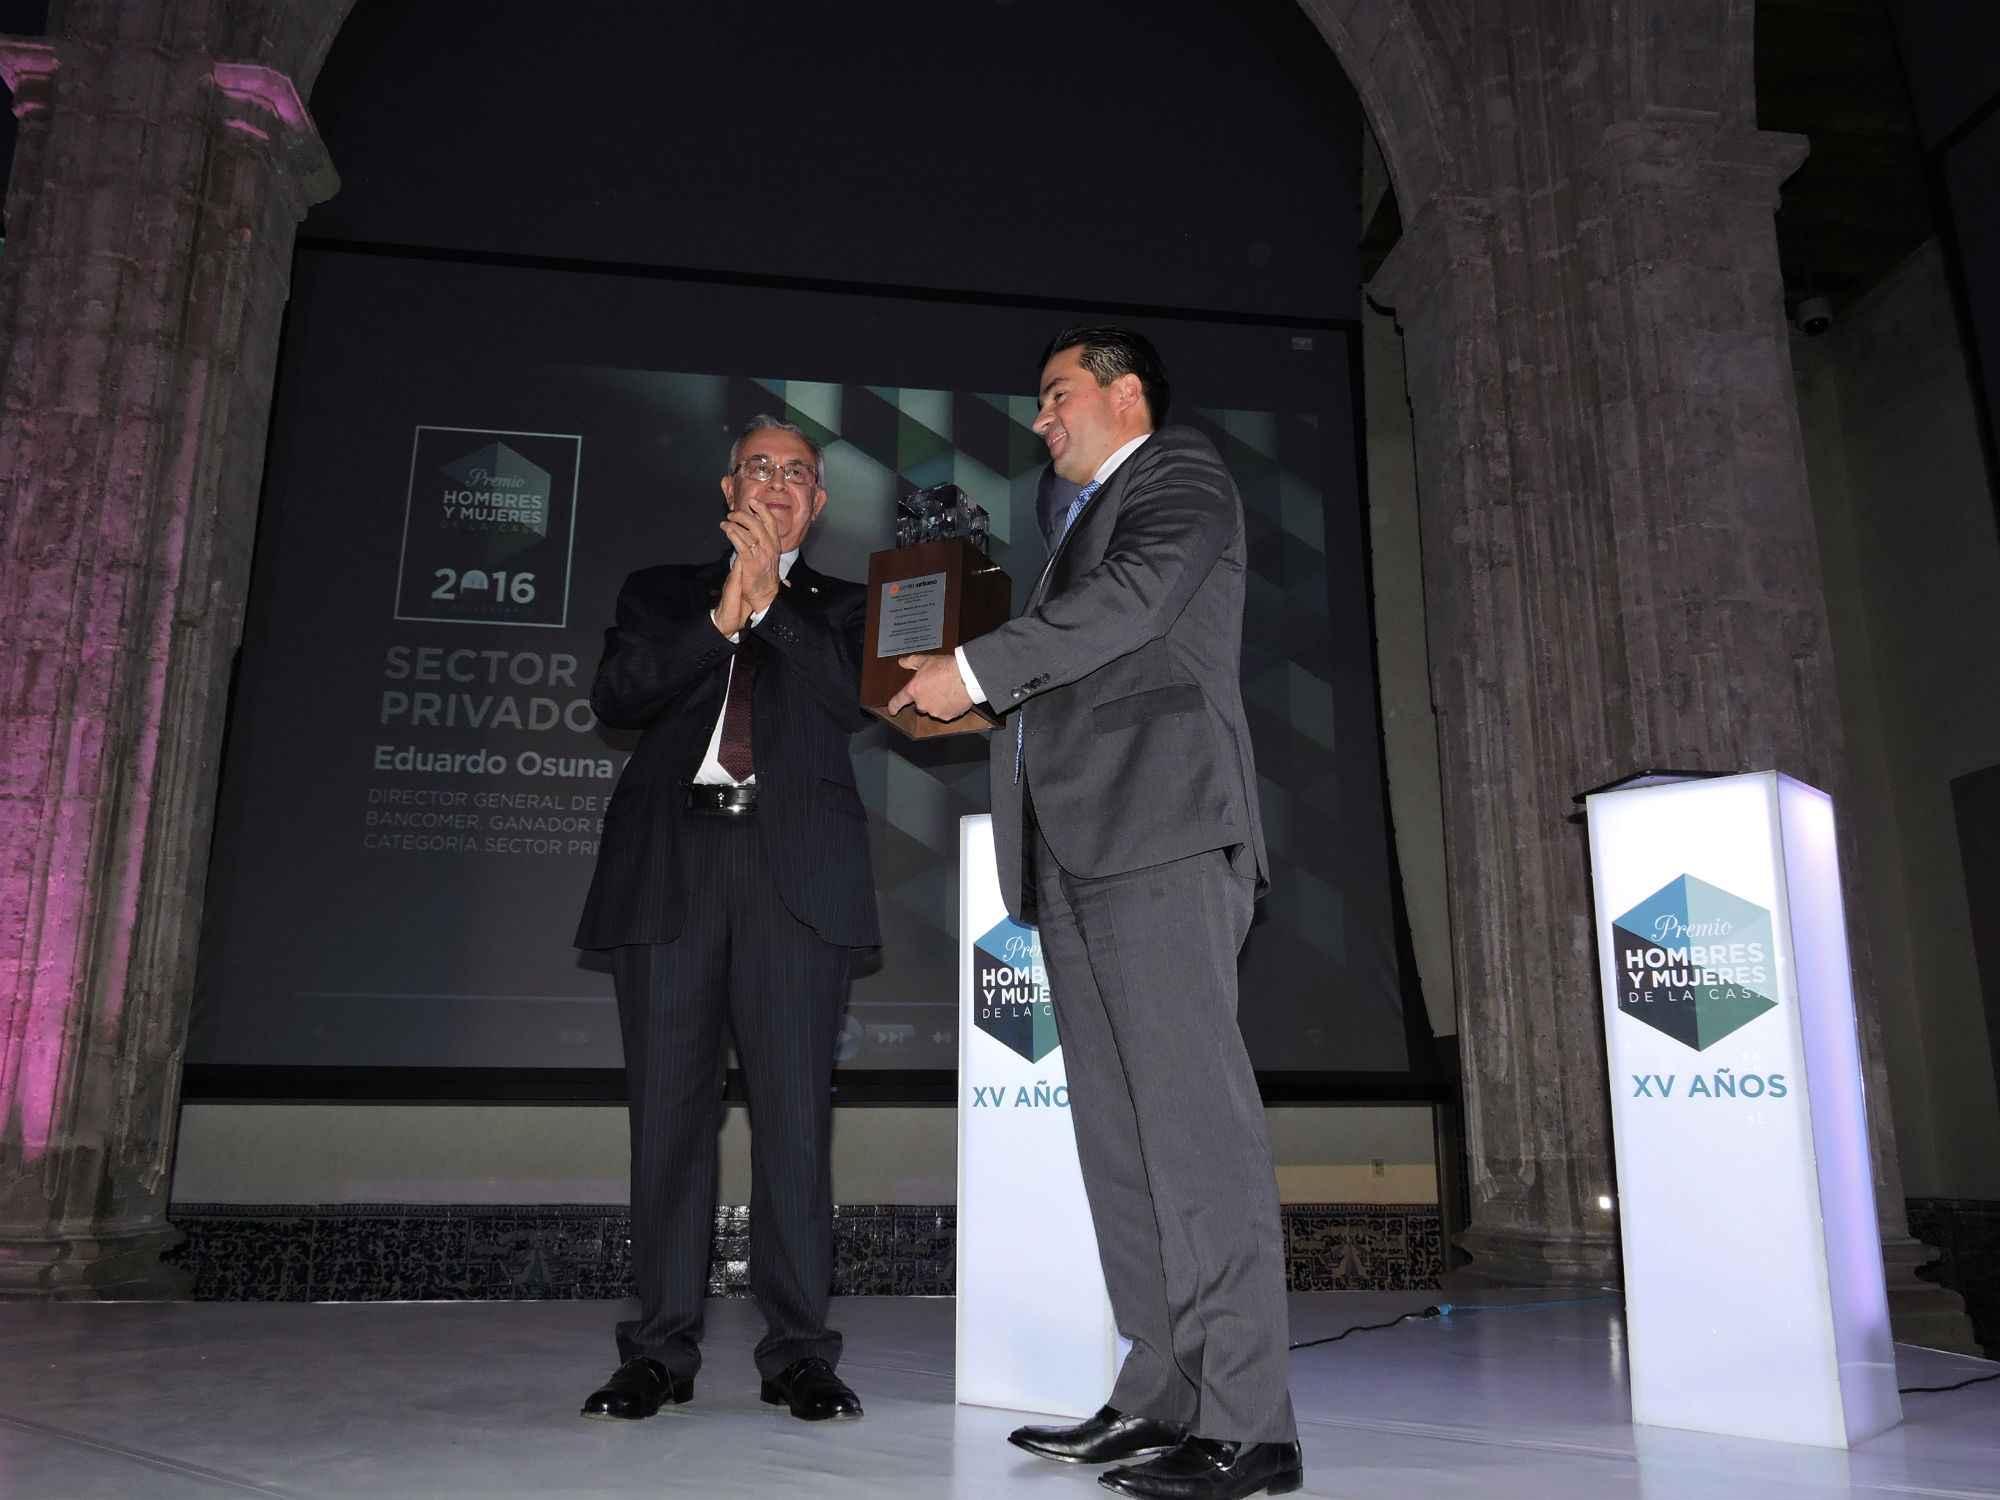 Eduardo Osuna obtiene Premio HyM en Sector Privado